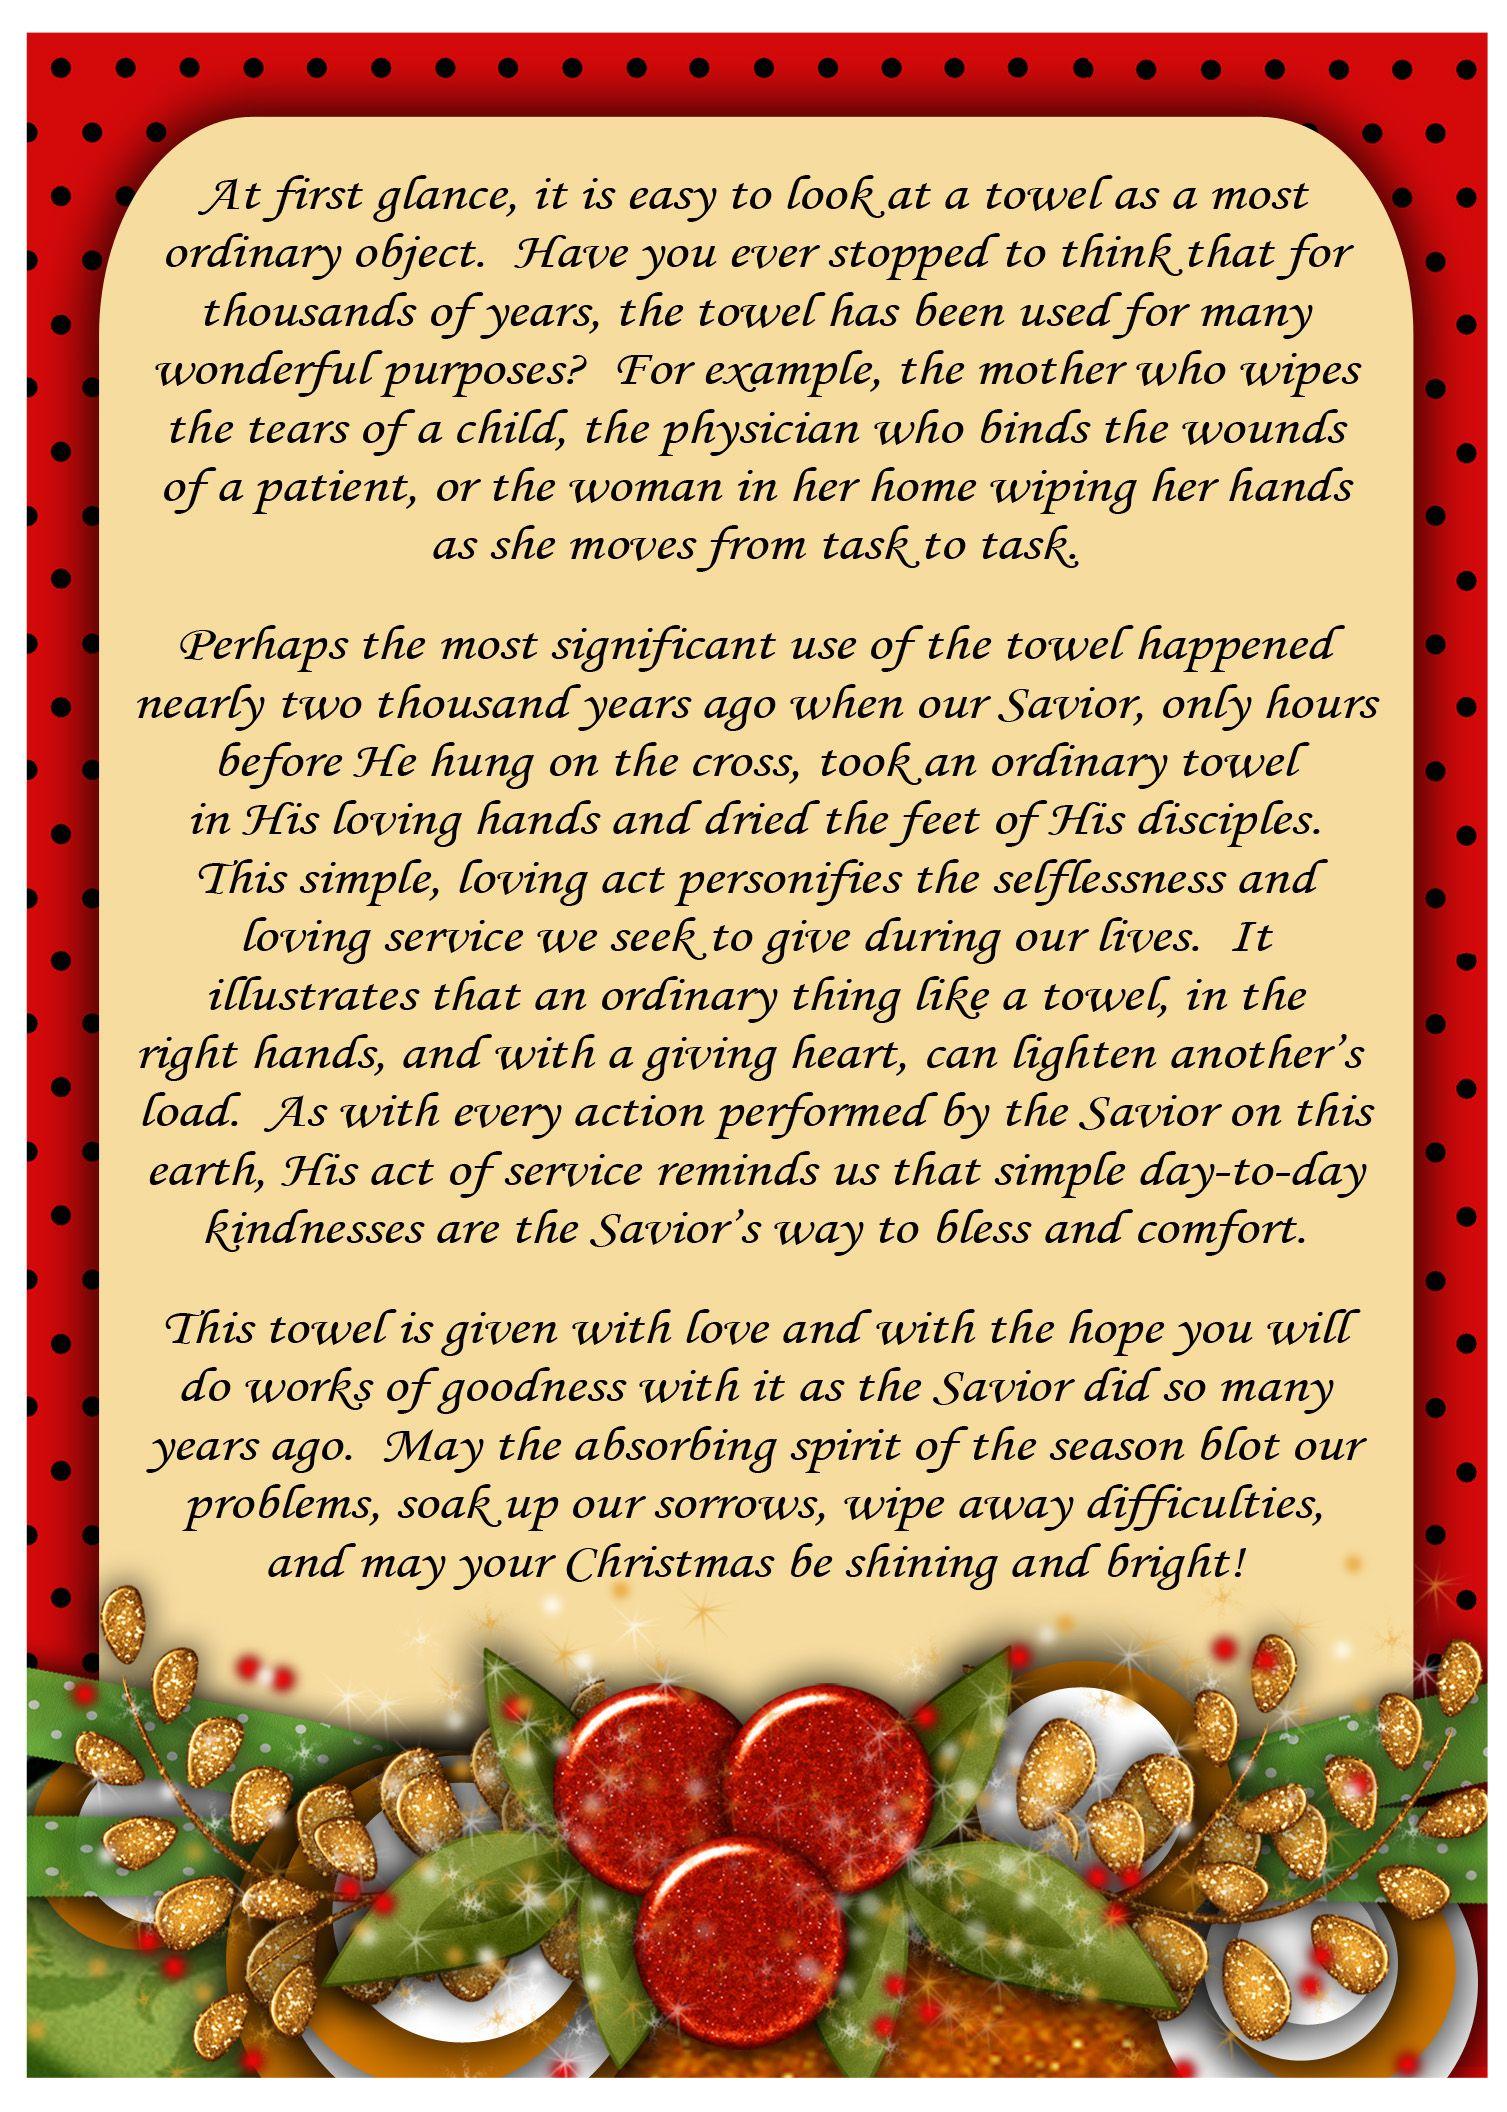 Toalla de navidad poema navidad navidad regalos de - Regalos navidad padres ...